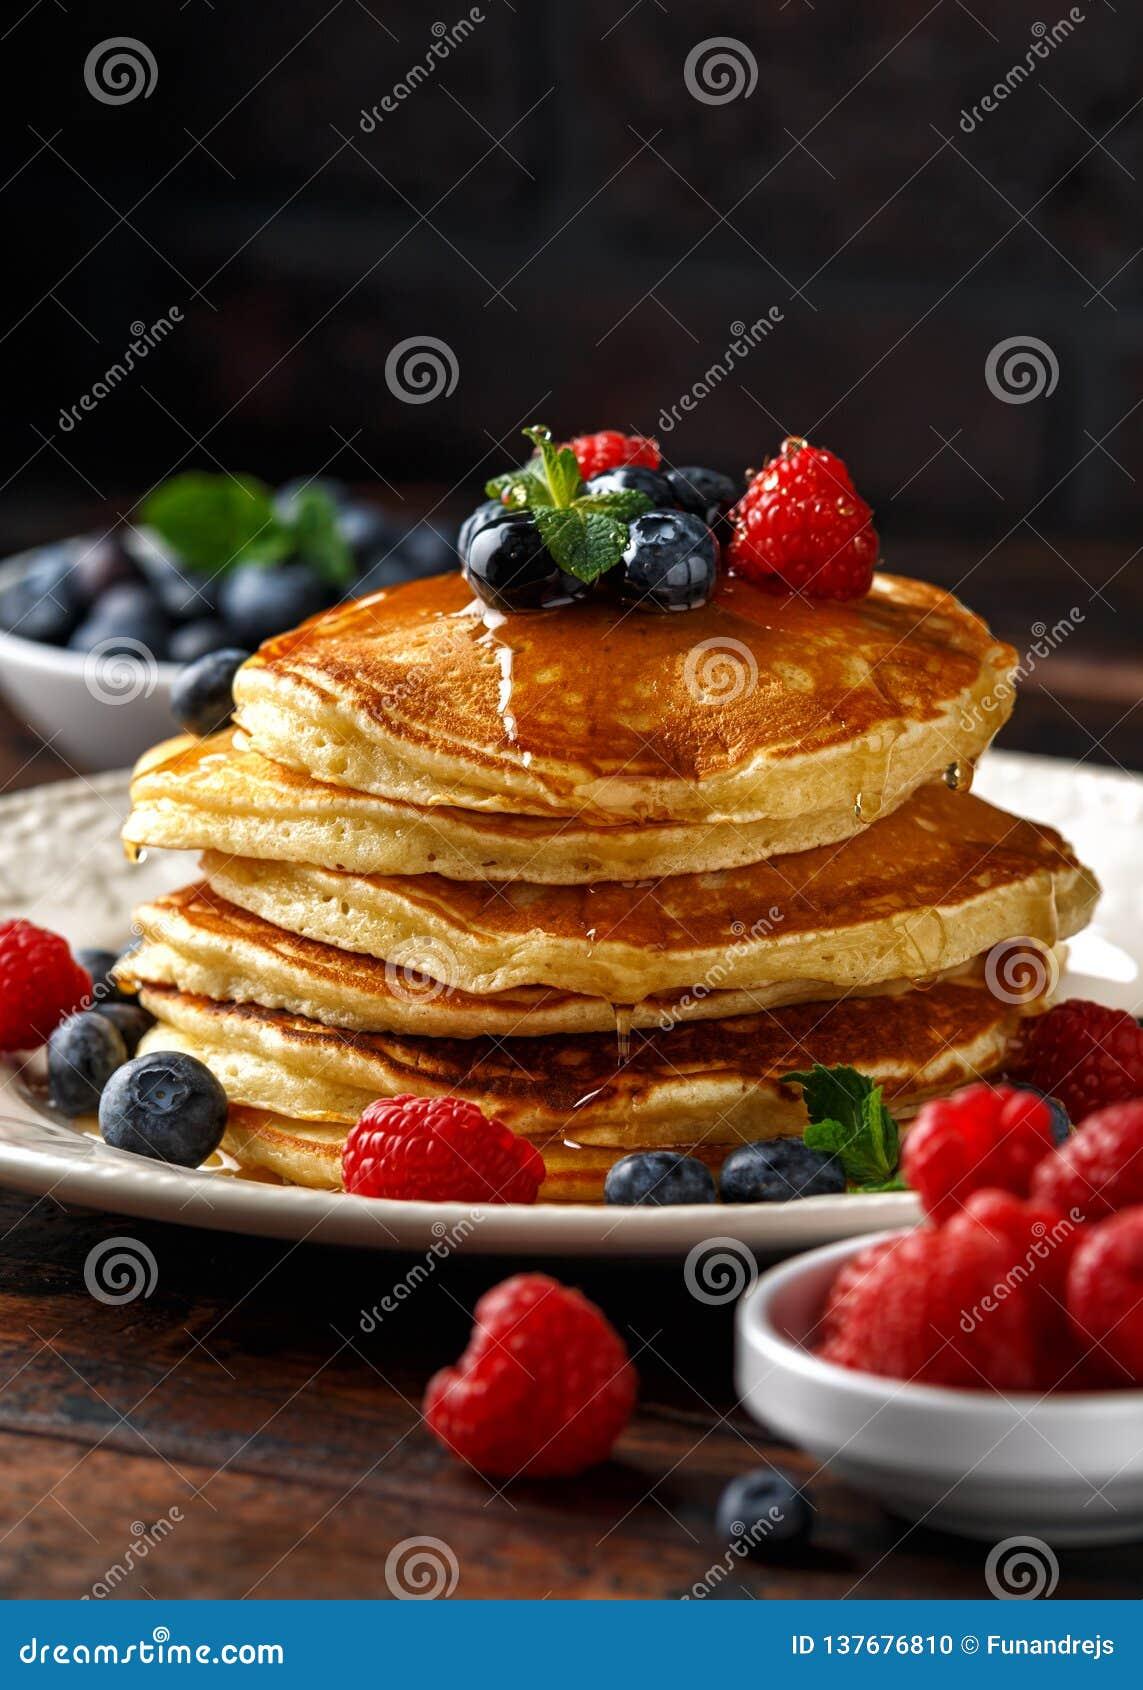 Crepes americanas hechas en casa con el arándano, las frambuesas y la miel frescos Estilo rústico del desayuno sano de la mañana